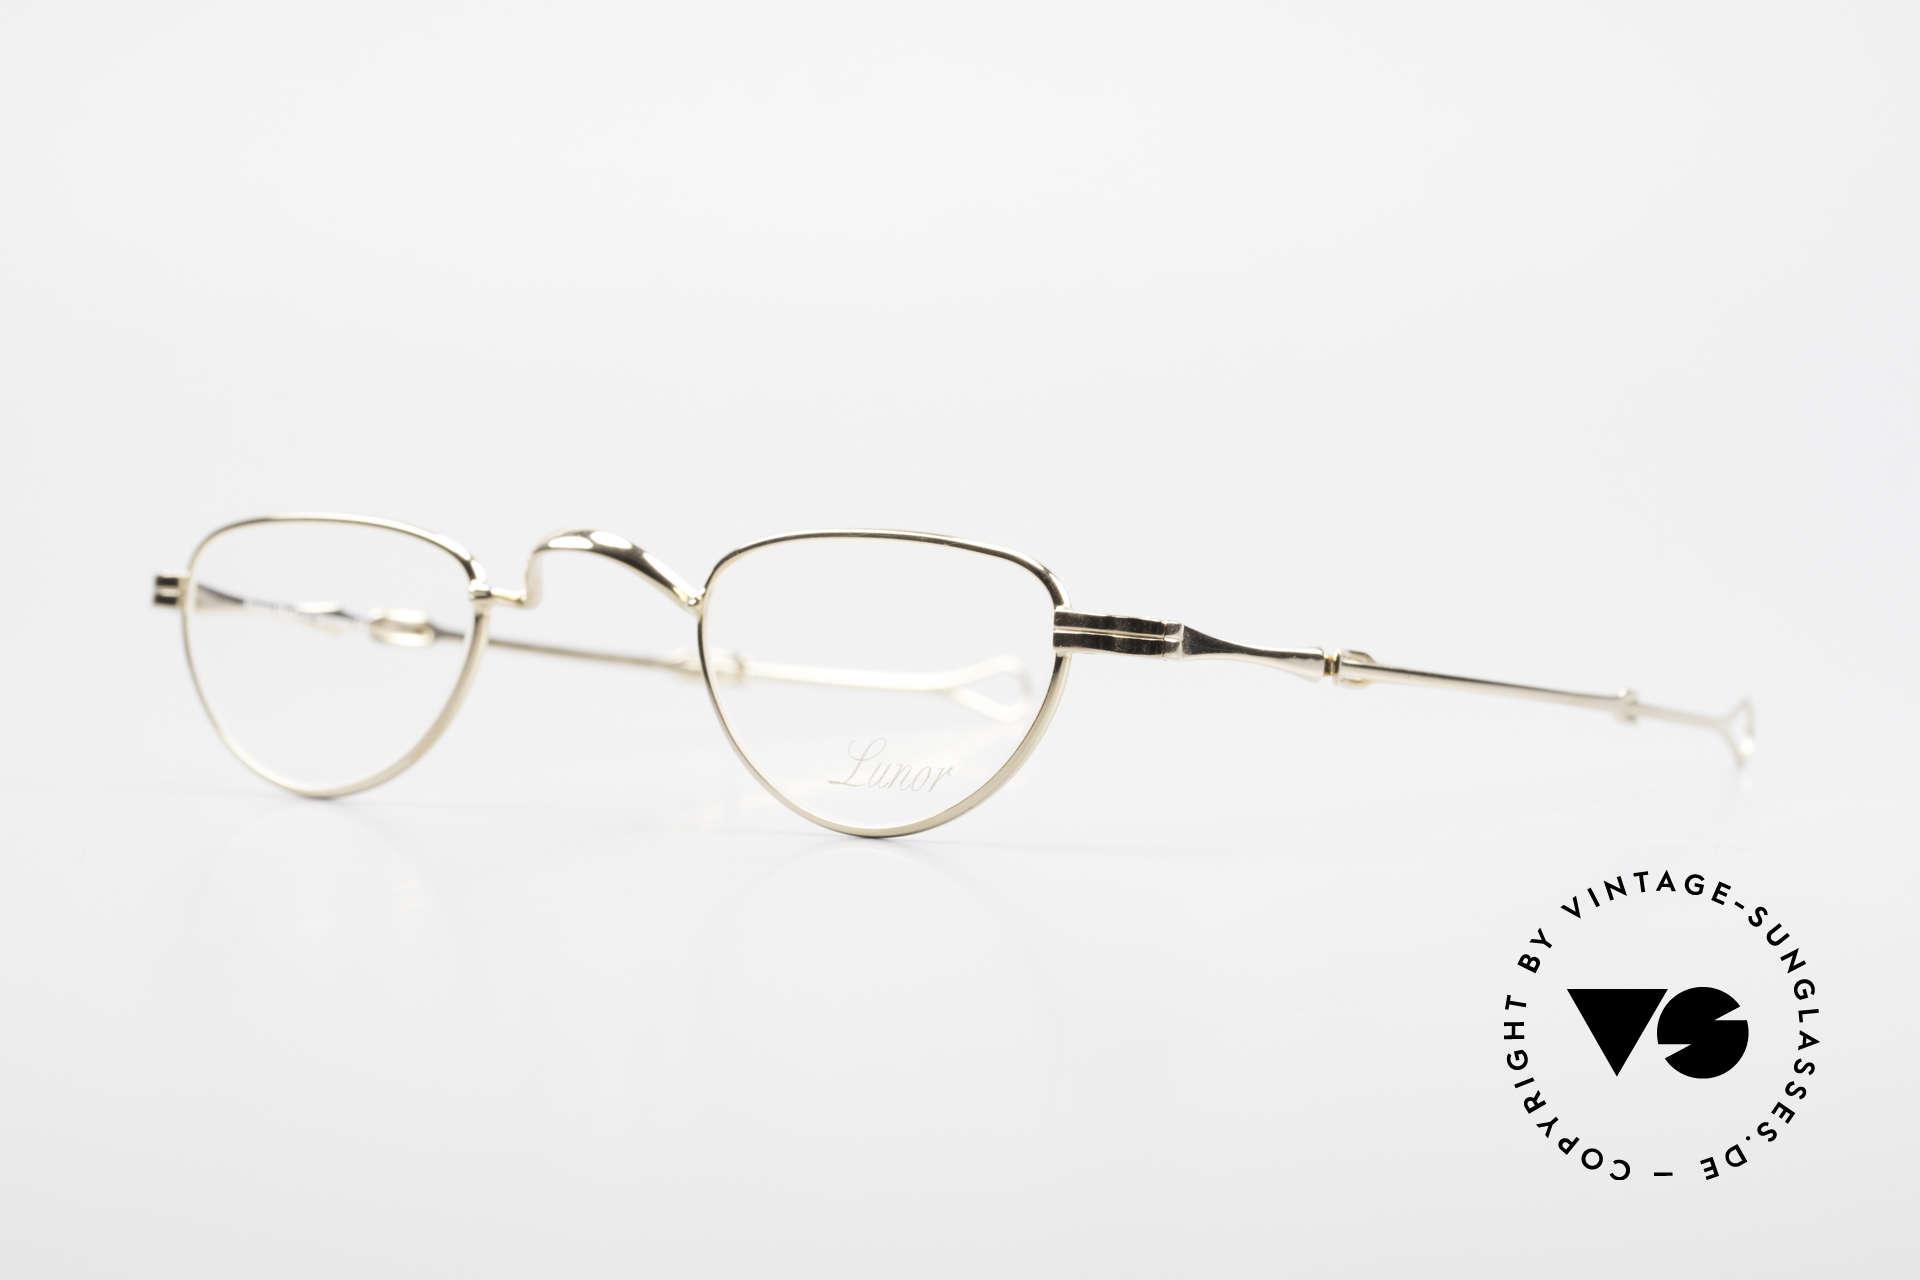 Lunor I 06 Telescopic Ausziehbare Brille Vergoldet, Brillendesign in Anlehnung an frühere Jahrhunderte, Passend für Herren und Damen